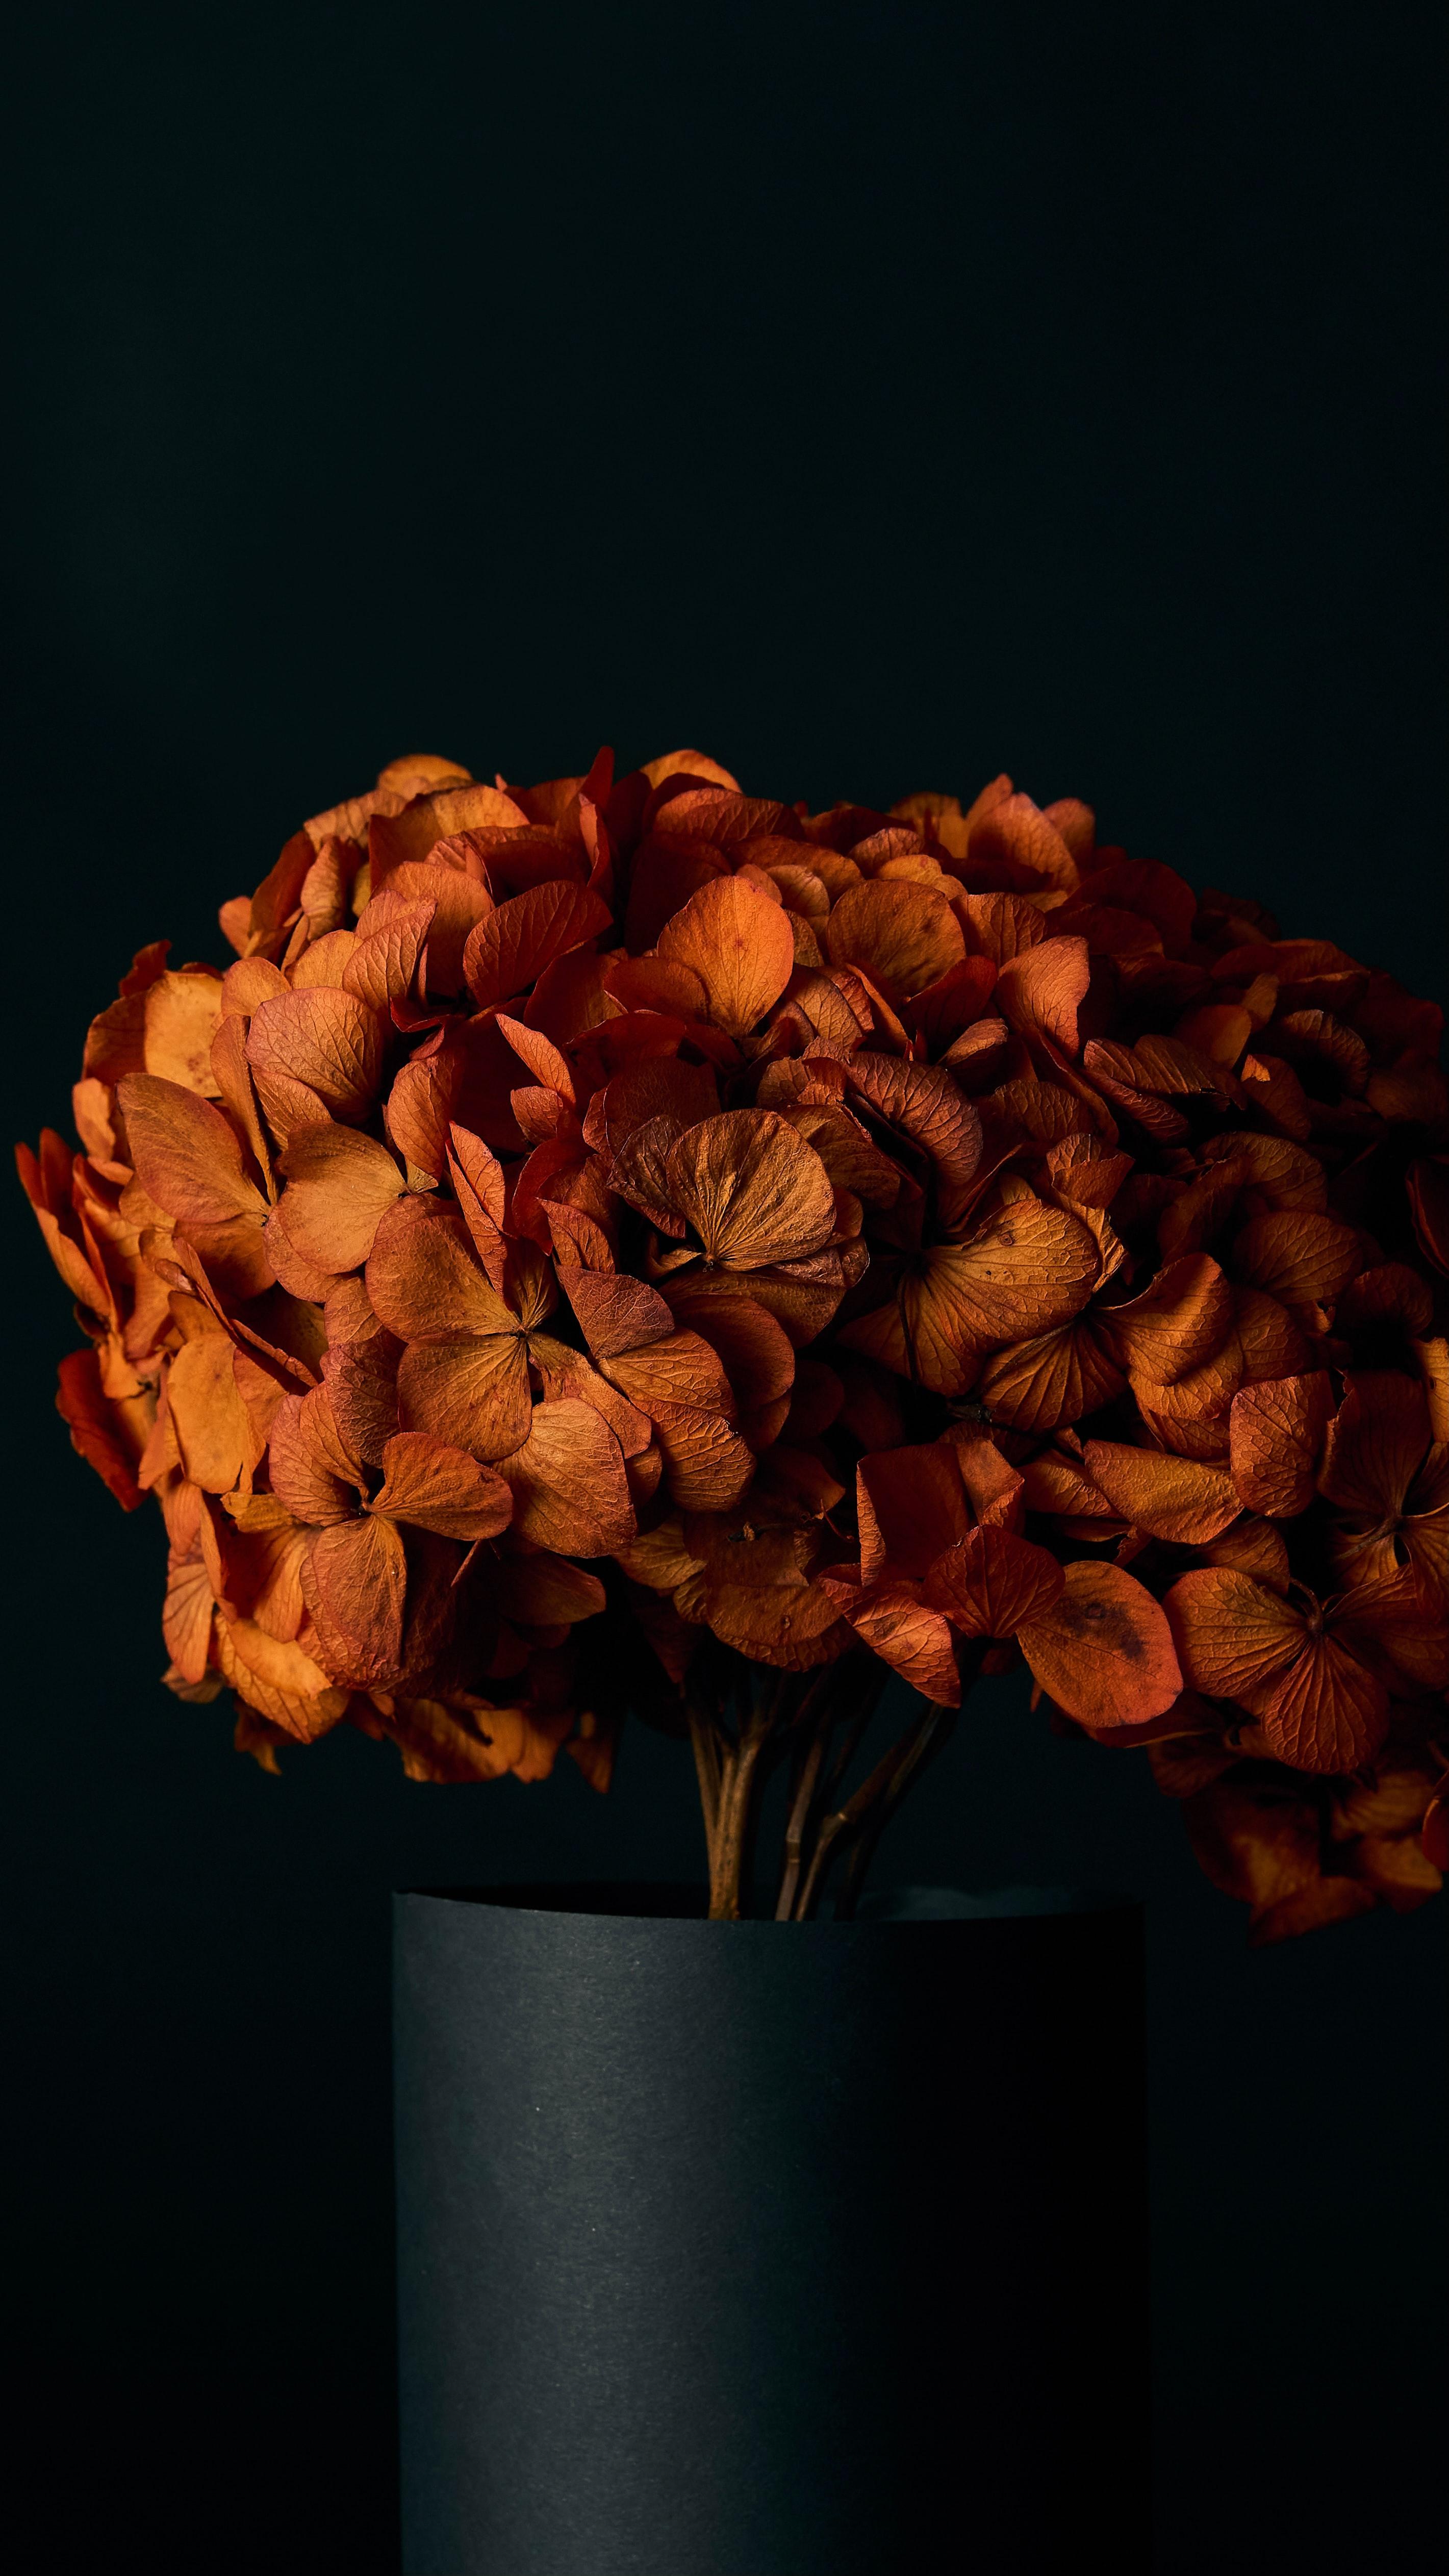 104445 скачать обои Цветы, Гортензия, Лепестки, Оранжевый - заставки и картинки бесплатно